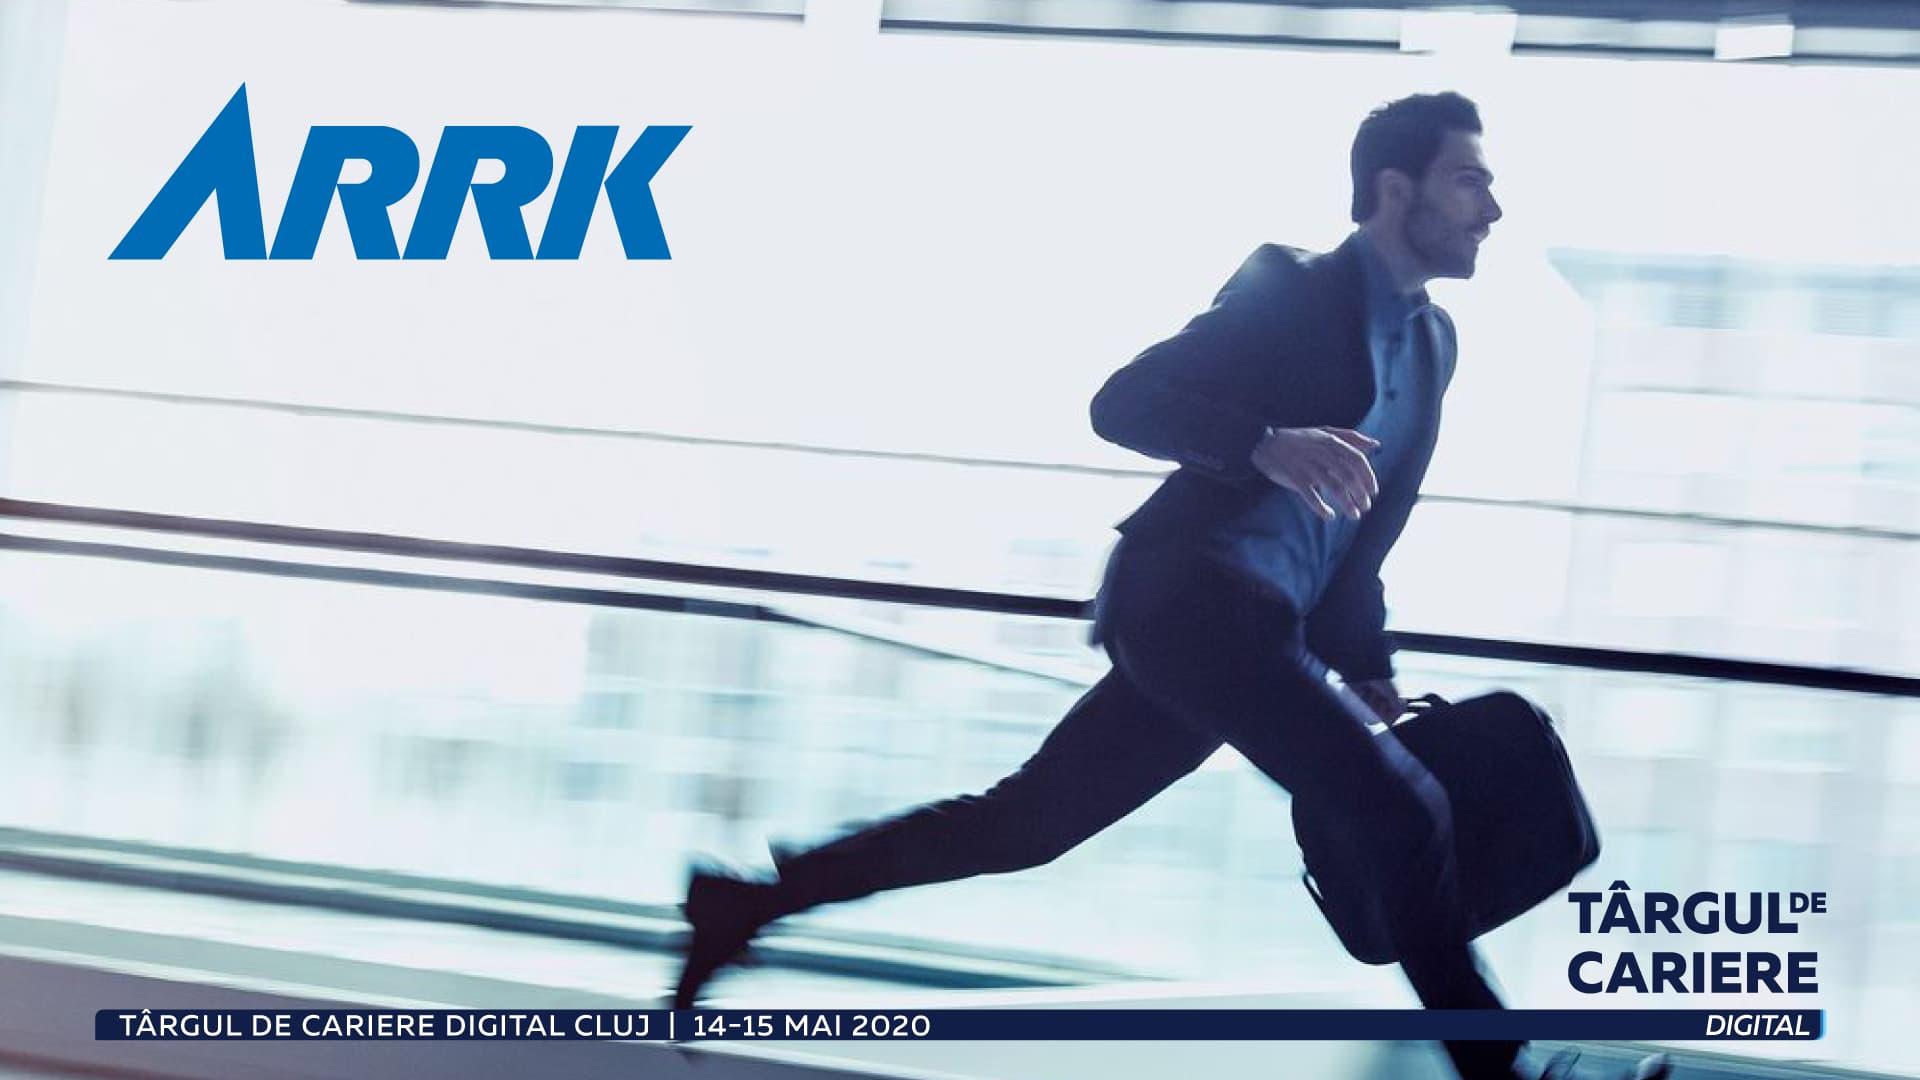 Arrk Research and Development recrutează online la Târgul de Cariere Digital Cluj